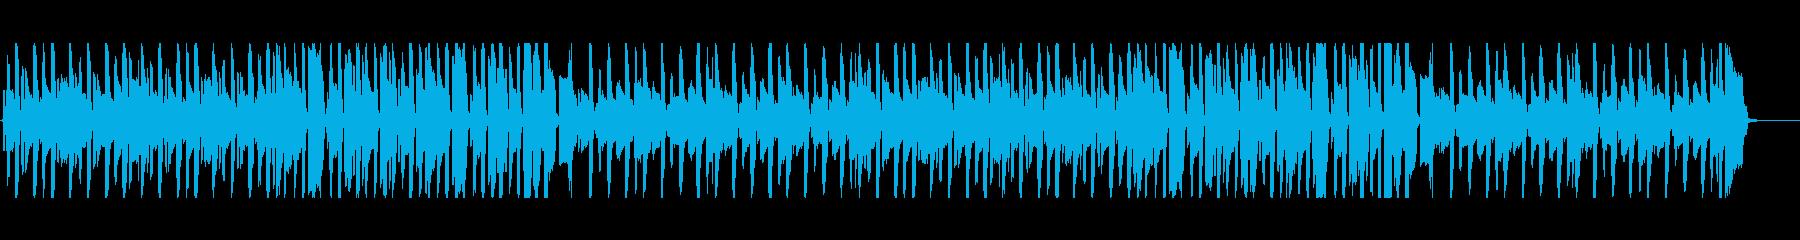 ほのぼのリコーダーの跳ねるようなポップスの再生済みの波形